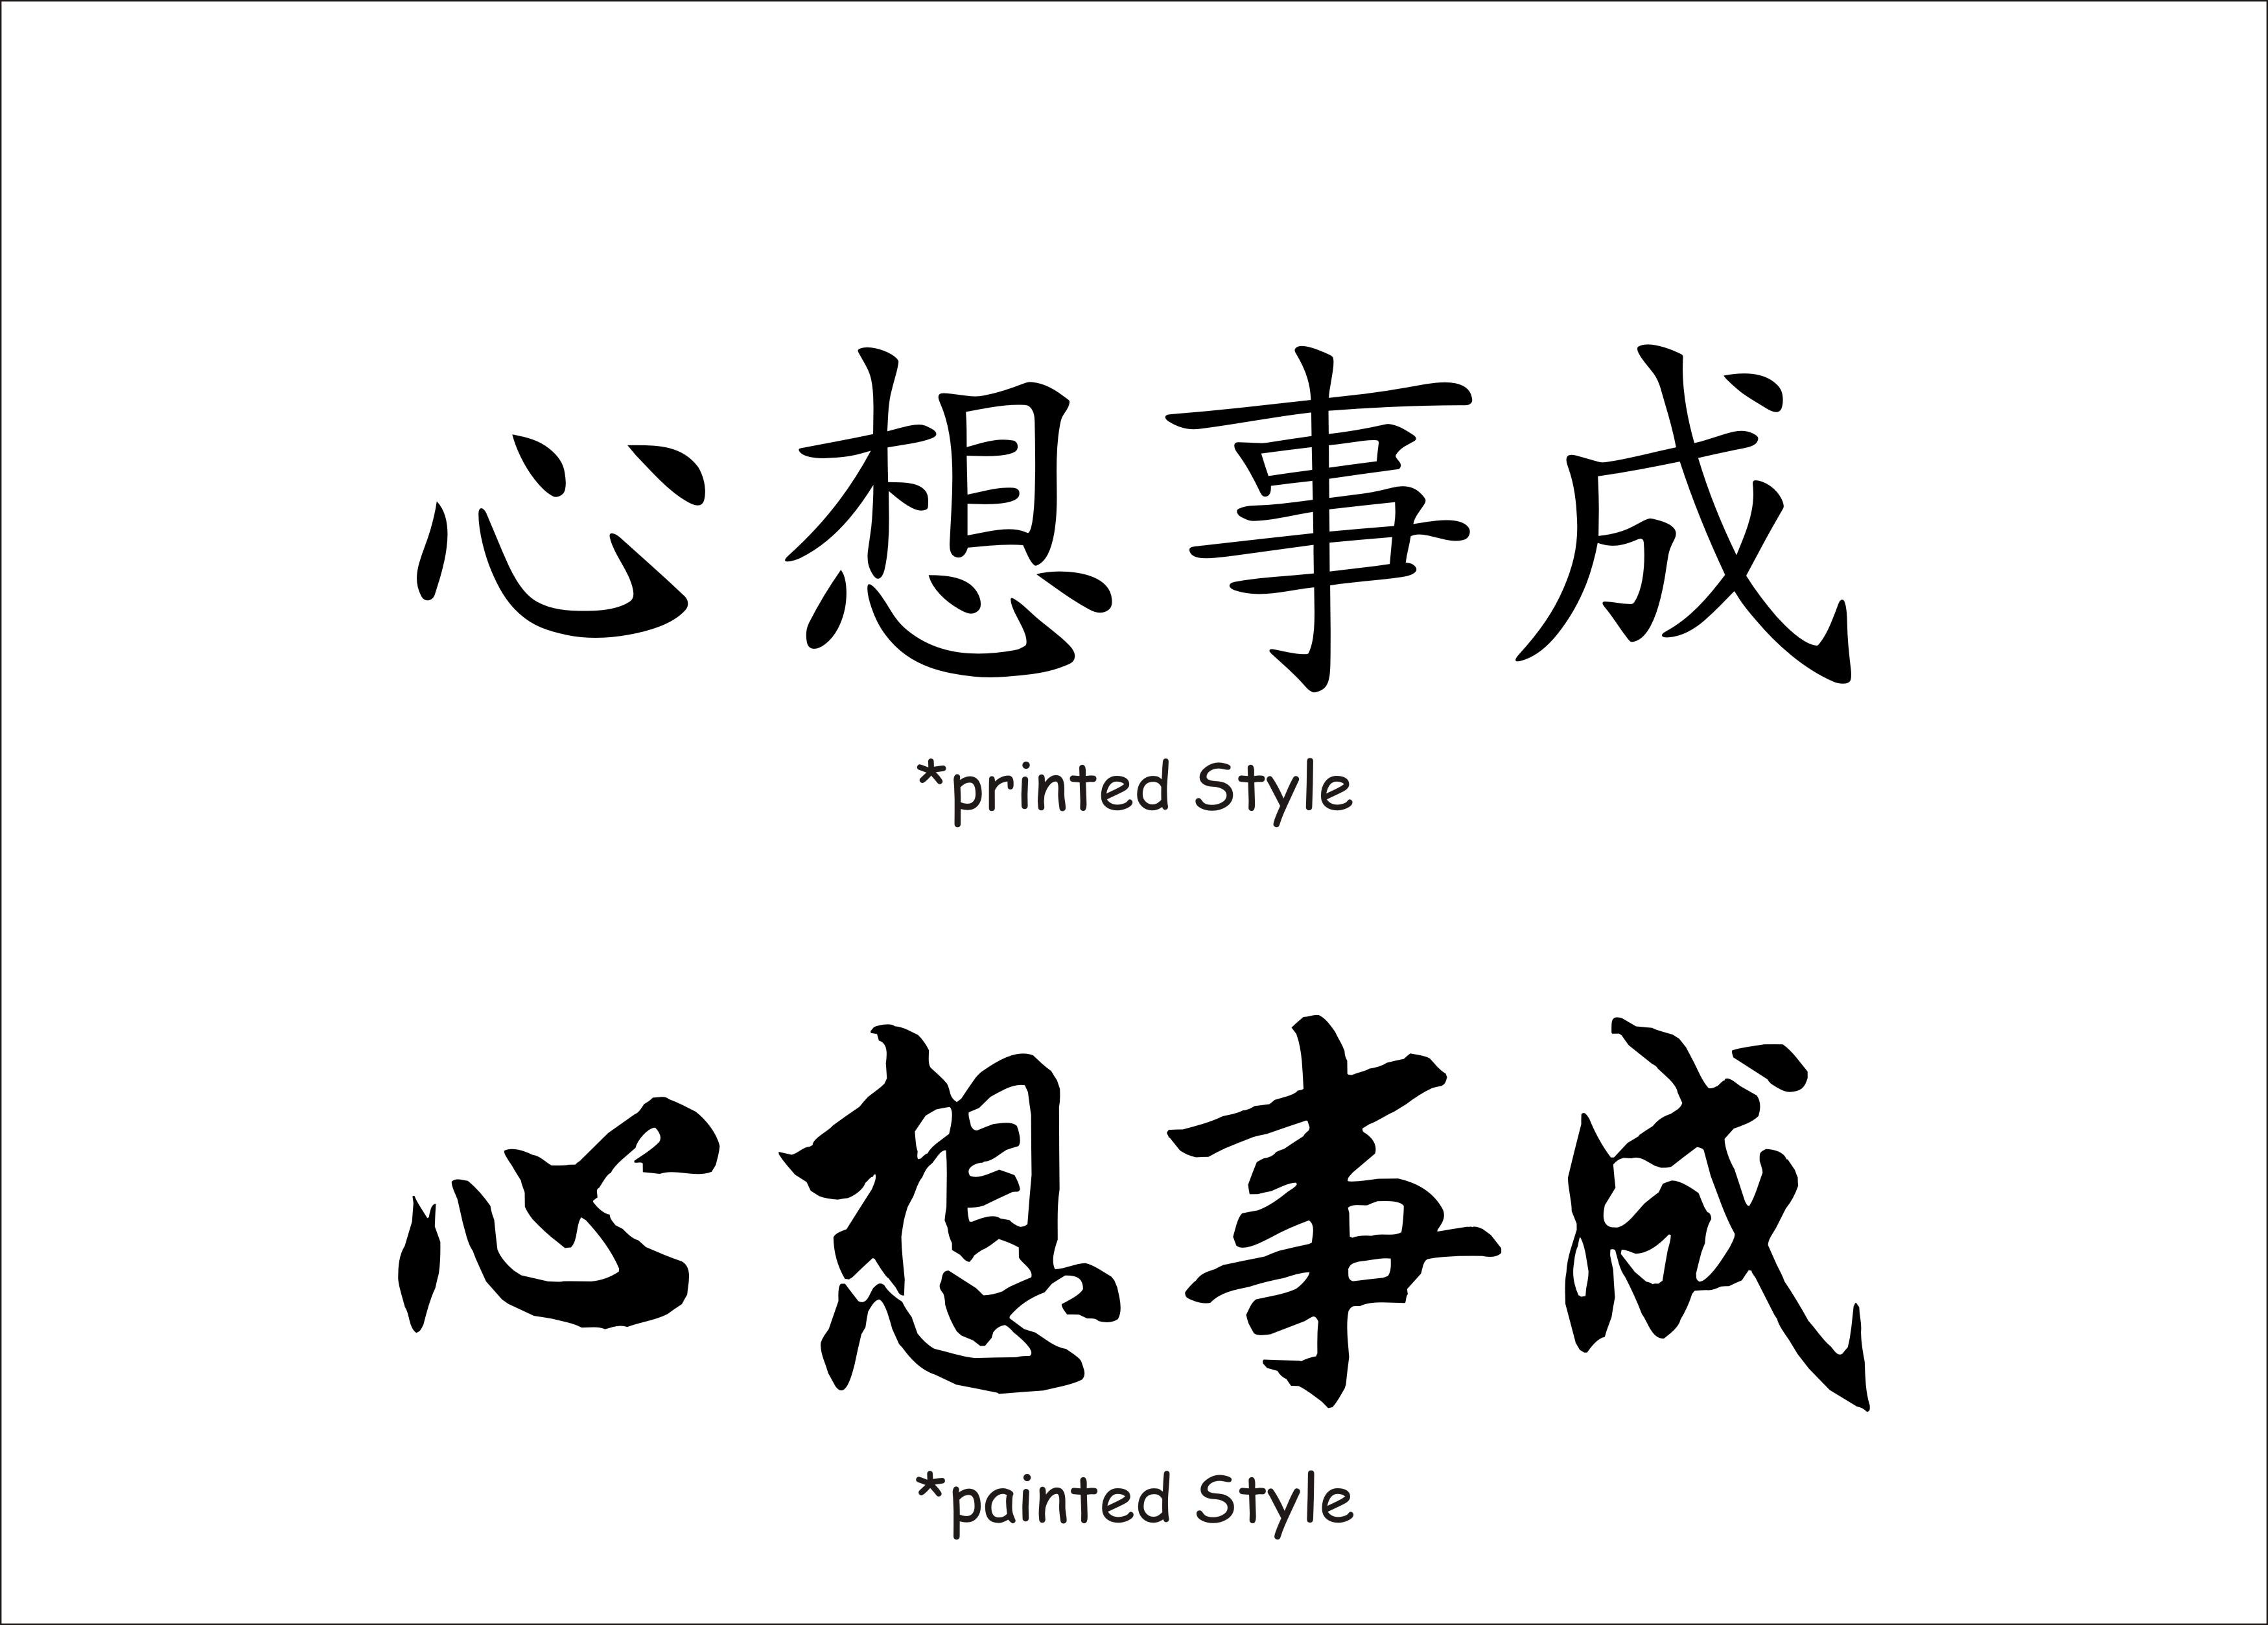 wandtattoo chinesische schriftzeichen f r viel gl ck. Black Bedroom Furniture Sets. Home Design Ideas